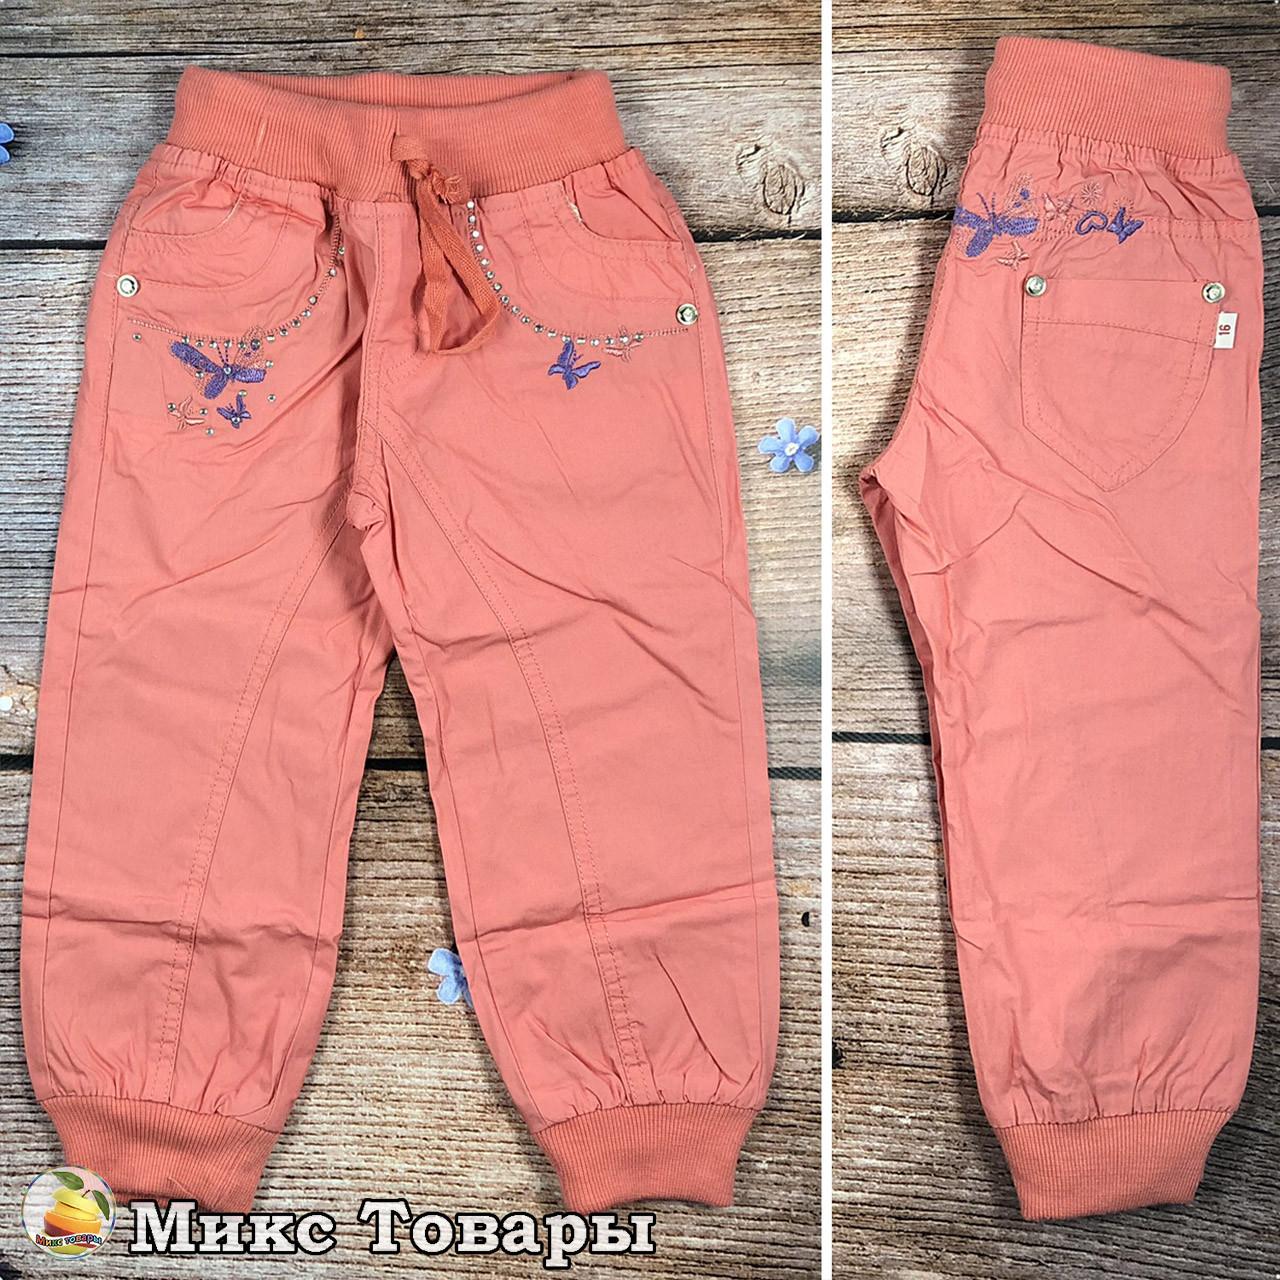 Летние облегчённые спортивные штаны для девочек Размеры: 3,4,5,6,7,8 лет (8311)